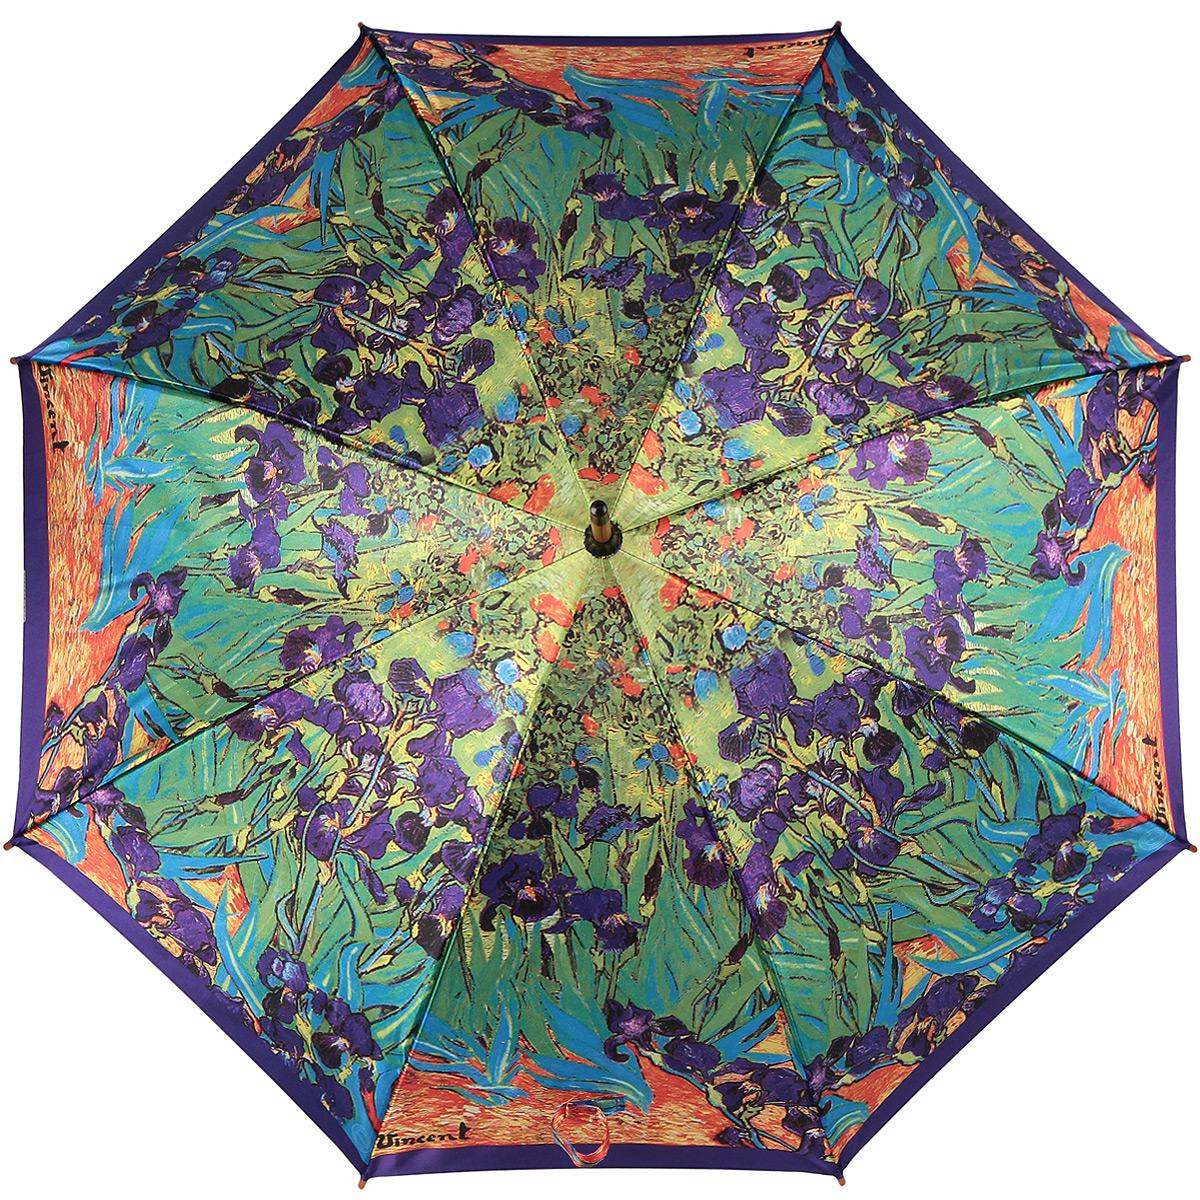 Зонт-трость Цветущие ирисы, полуавтомат. 1001-271001-27Стильный полуавтоматический зонт-трость Цветущие ирисы поднимет настроение даже в ненастную погоду. Каркас зонта состоит из деревянного стержня и 8 металлических спиц черного цвета. Купол зонта, изготовленный из сатина с водоотталкивающей пропиткой, оформлен красочным изображением по мотивам картины Винсента Ван Гога Цветущие ирисы. Зонт оснащен удобной закругленной рукояткой. Кончики спиц защищены деревянными насадками. Зонт имеет полуавтоматический механизм сложения: купол открывается нажатием кнопки на рукоятке, а закрывается вручную до характерного щелчка. Такой зонт не только надежно защитит вас от дождя, но и станет стильным аксессуаром.